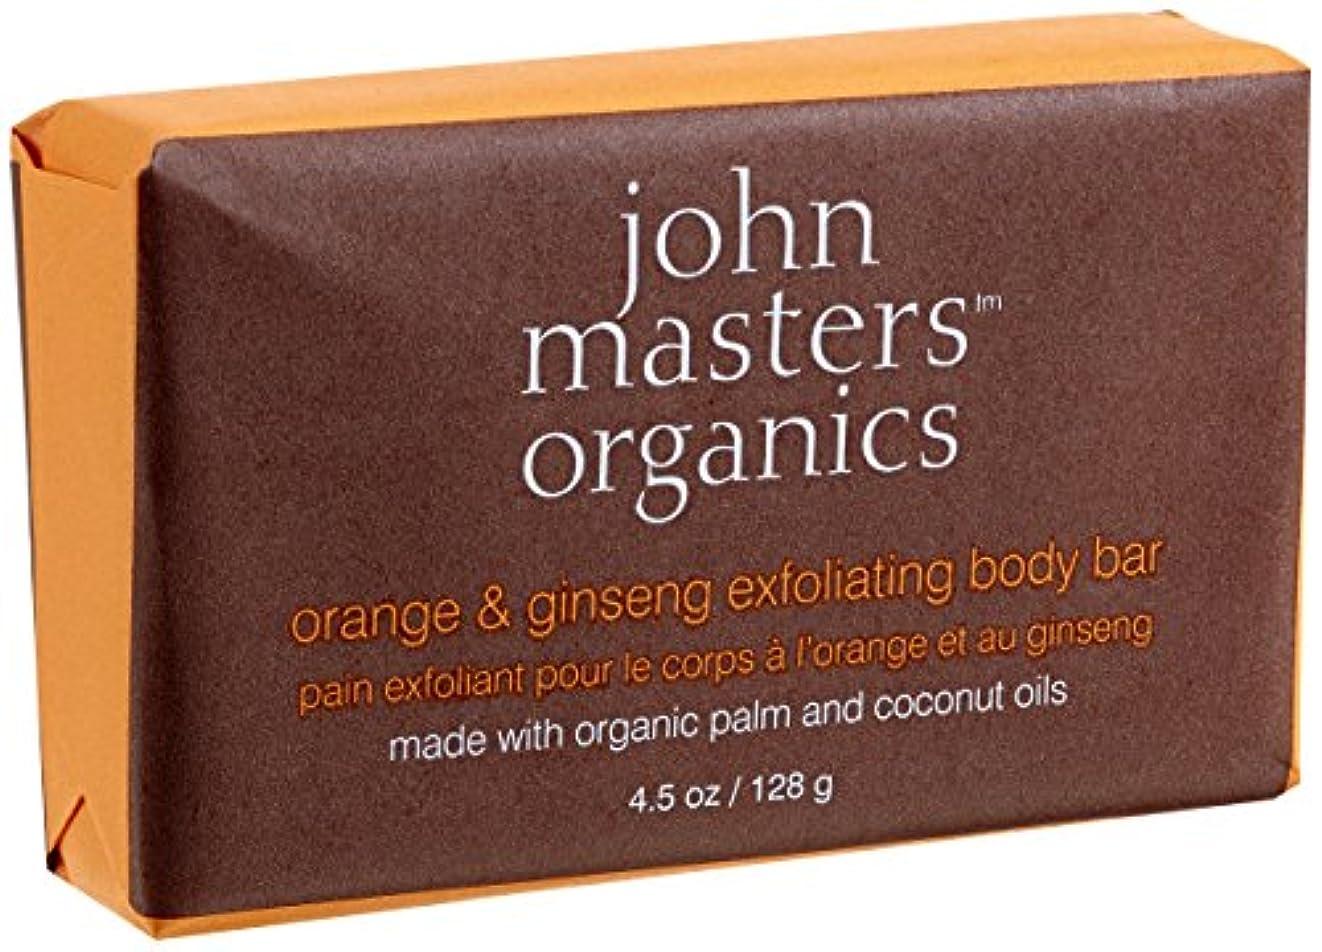 ジョンマスターオーガニック オレンジ&ジンセンエクスフォリエイティングボディソープ 128g